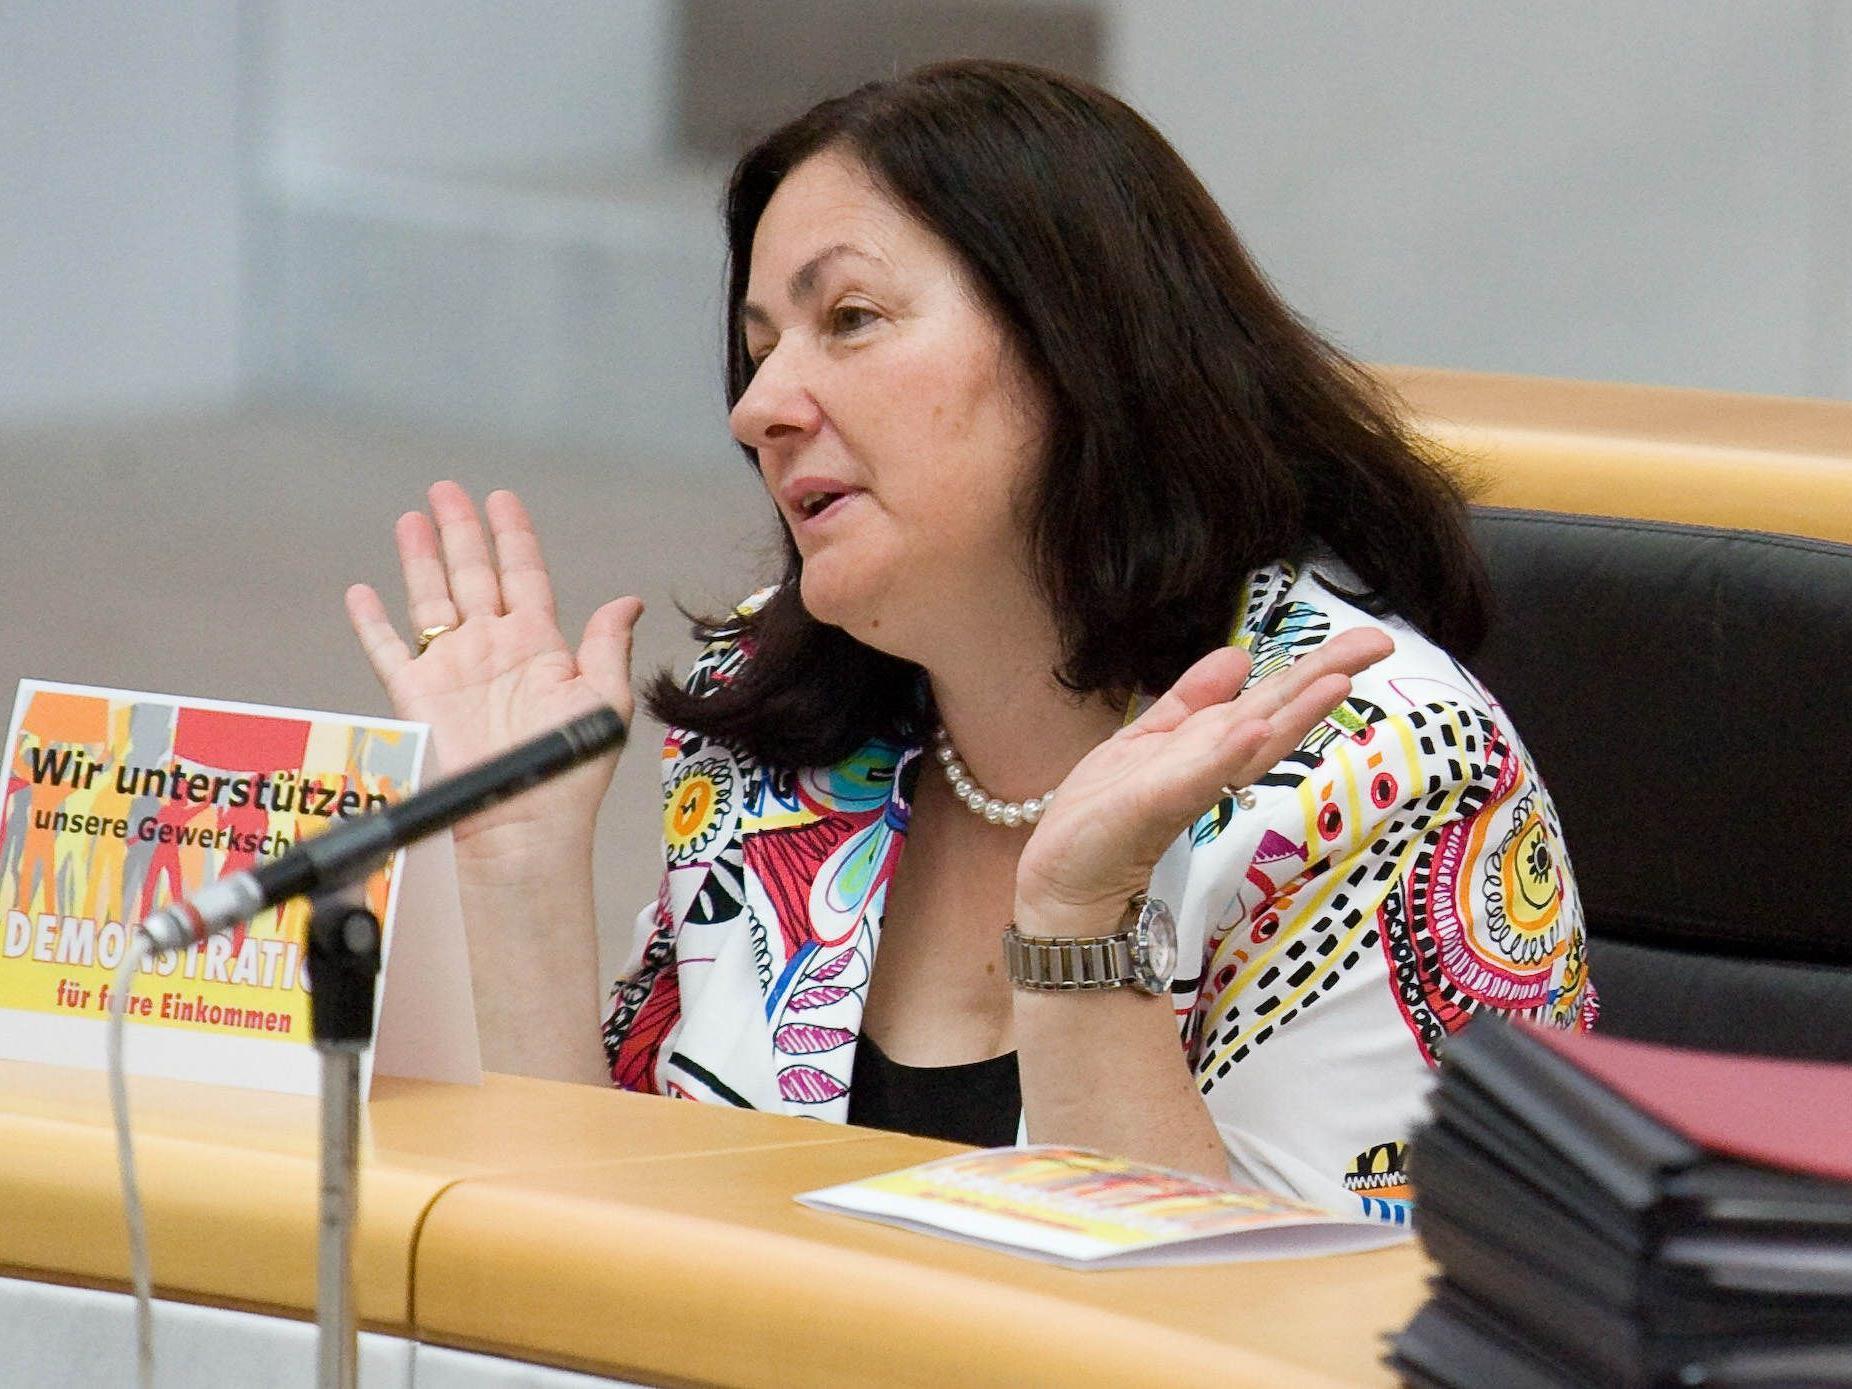 Vorarlberger SPÖ-Politikerin Pircher neue SBI-Präsidentin